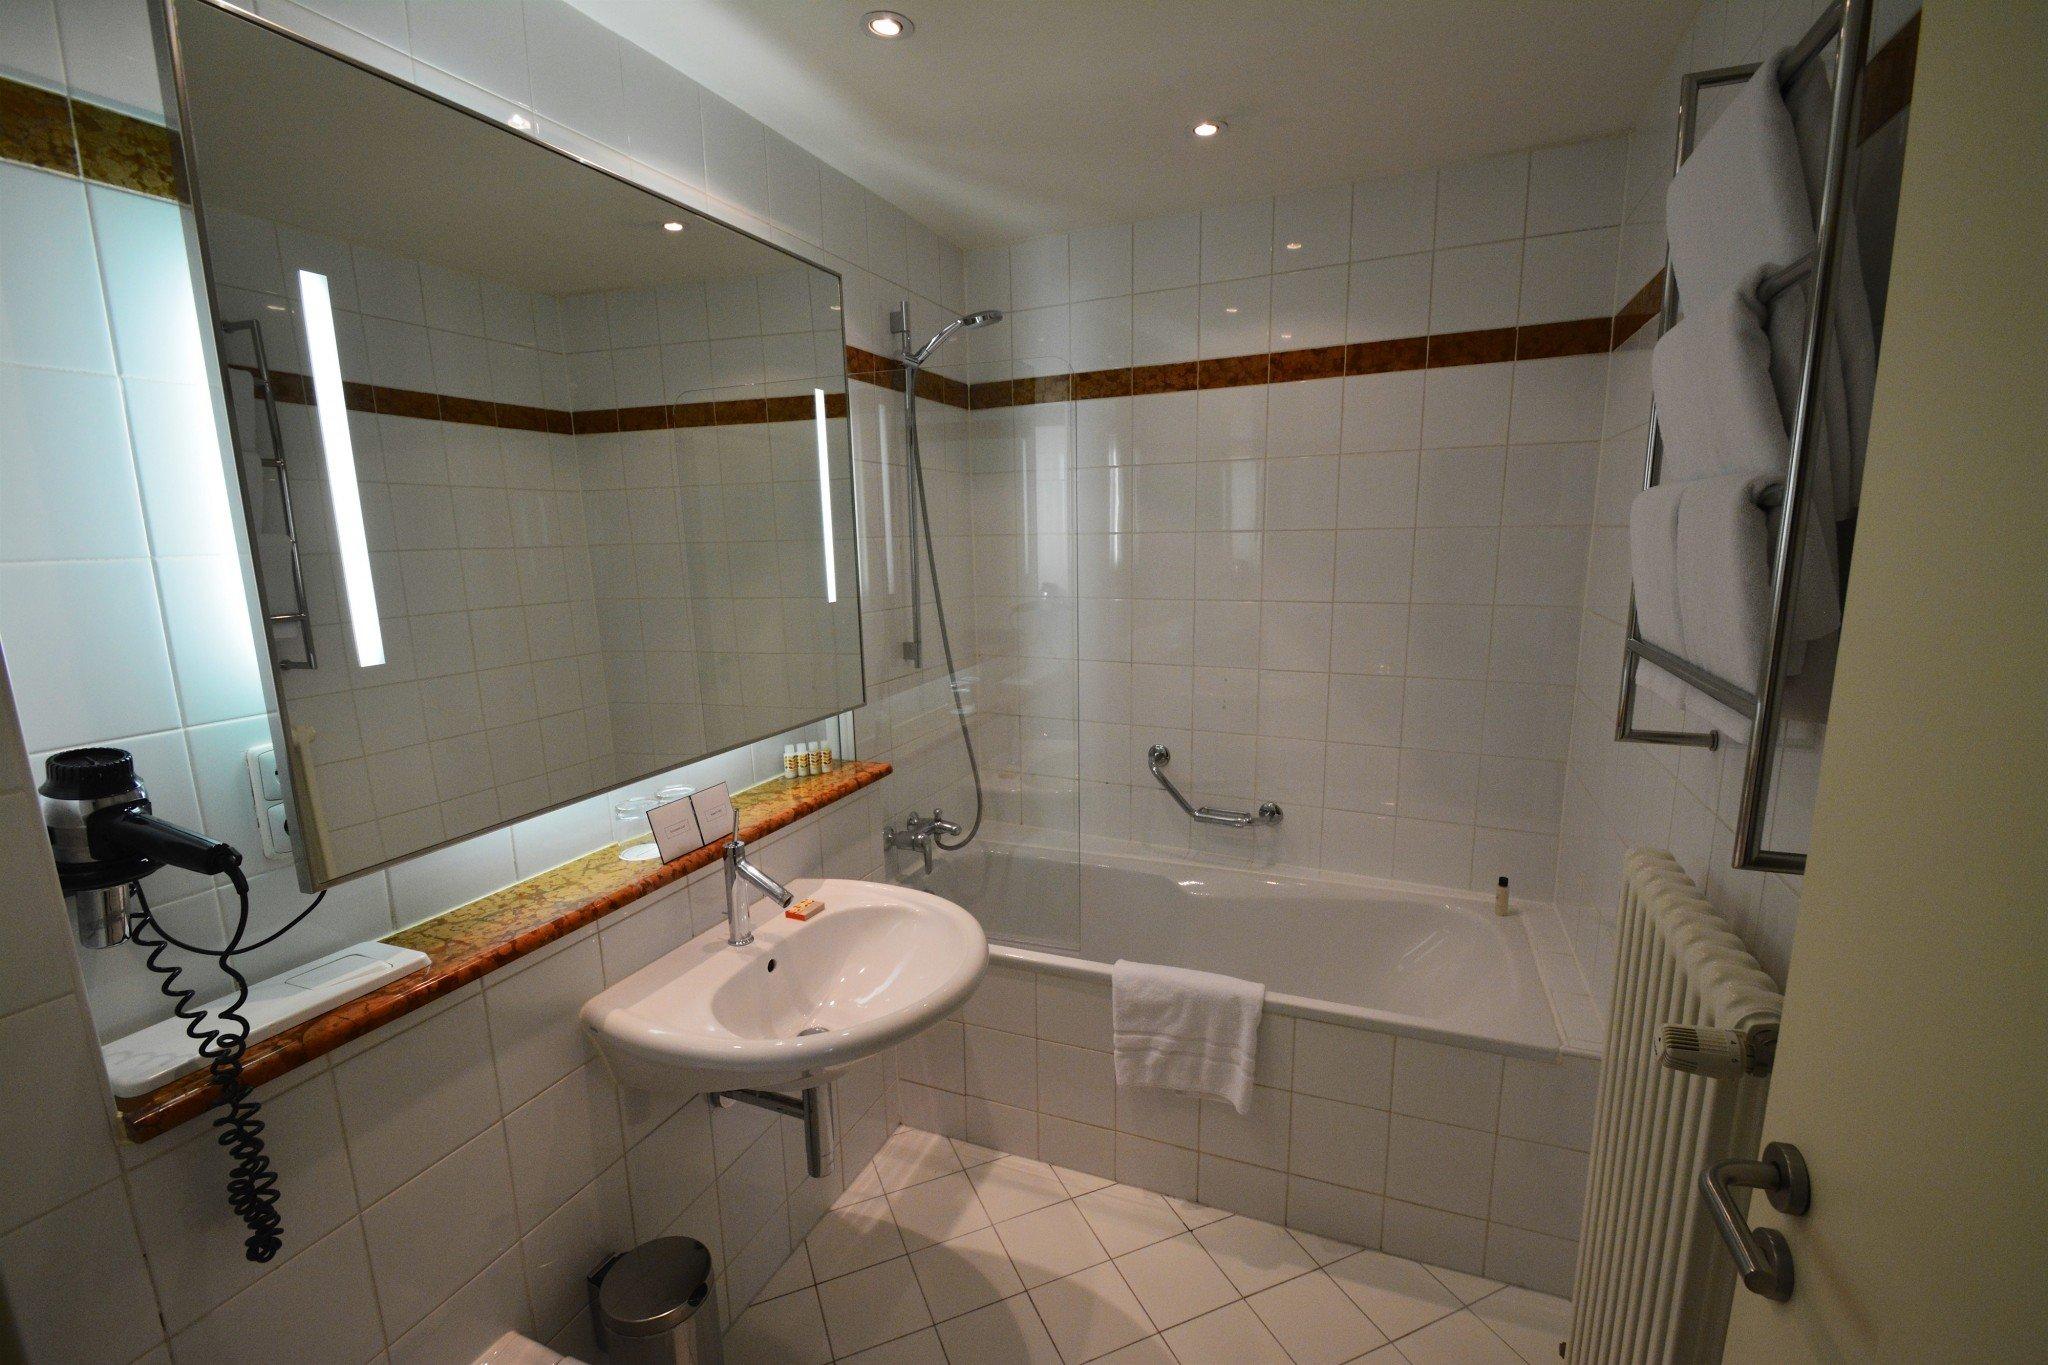 Hotel Maximilian bathroom